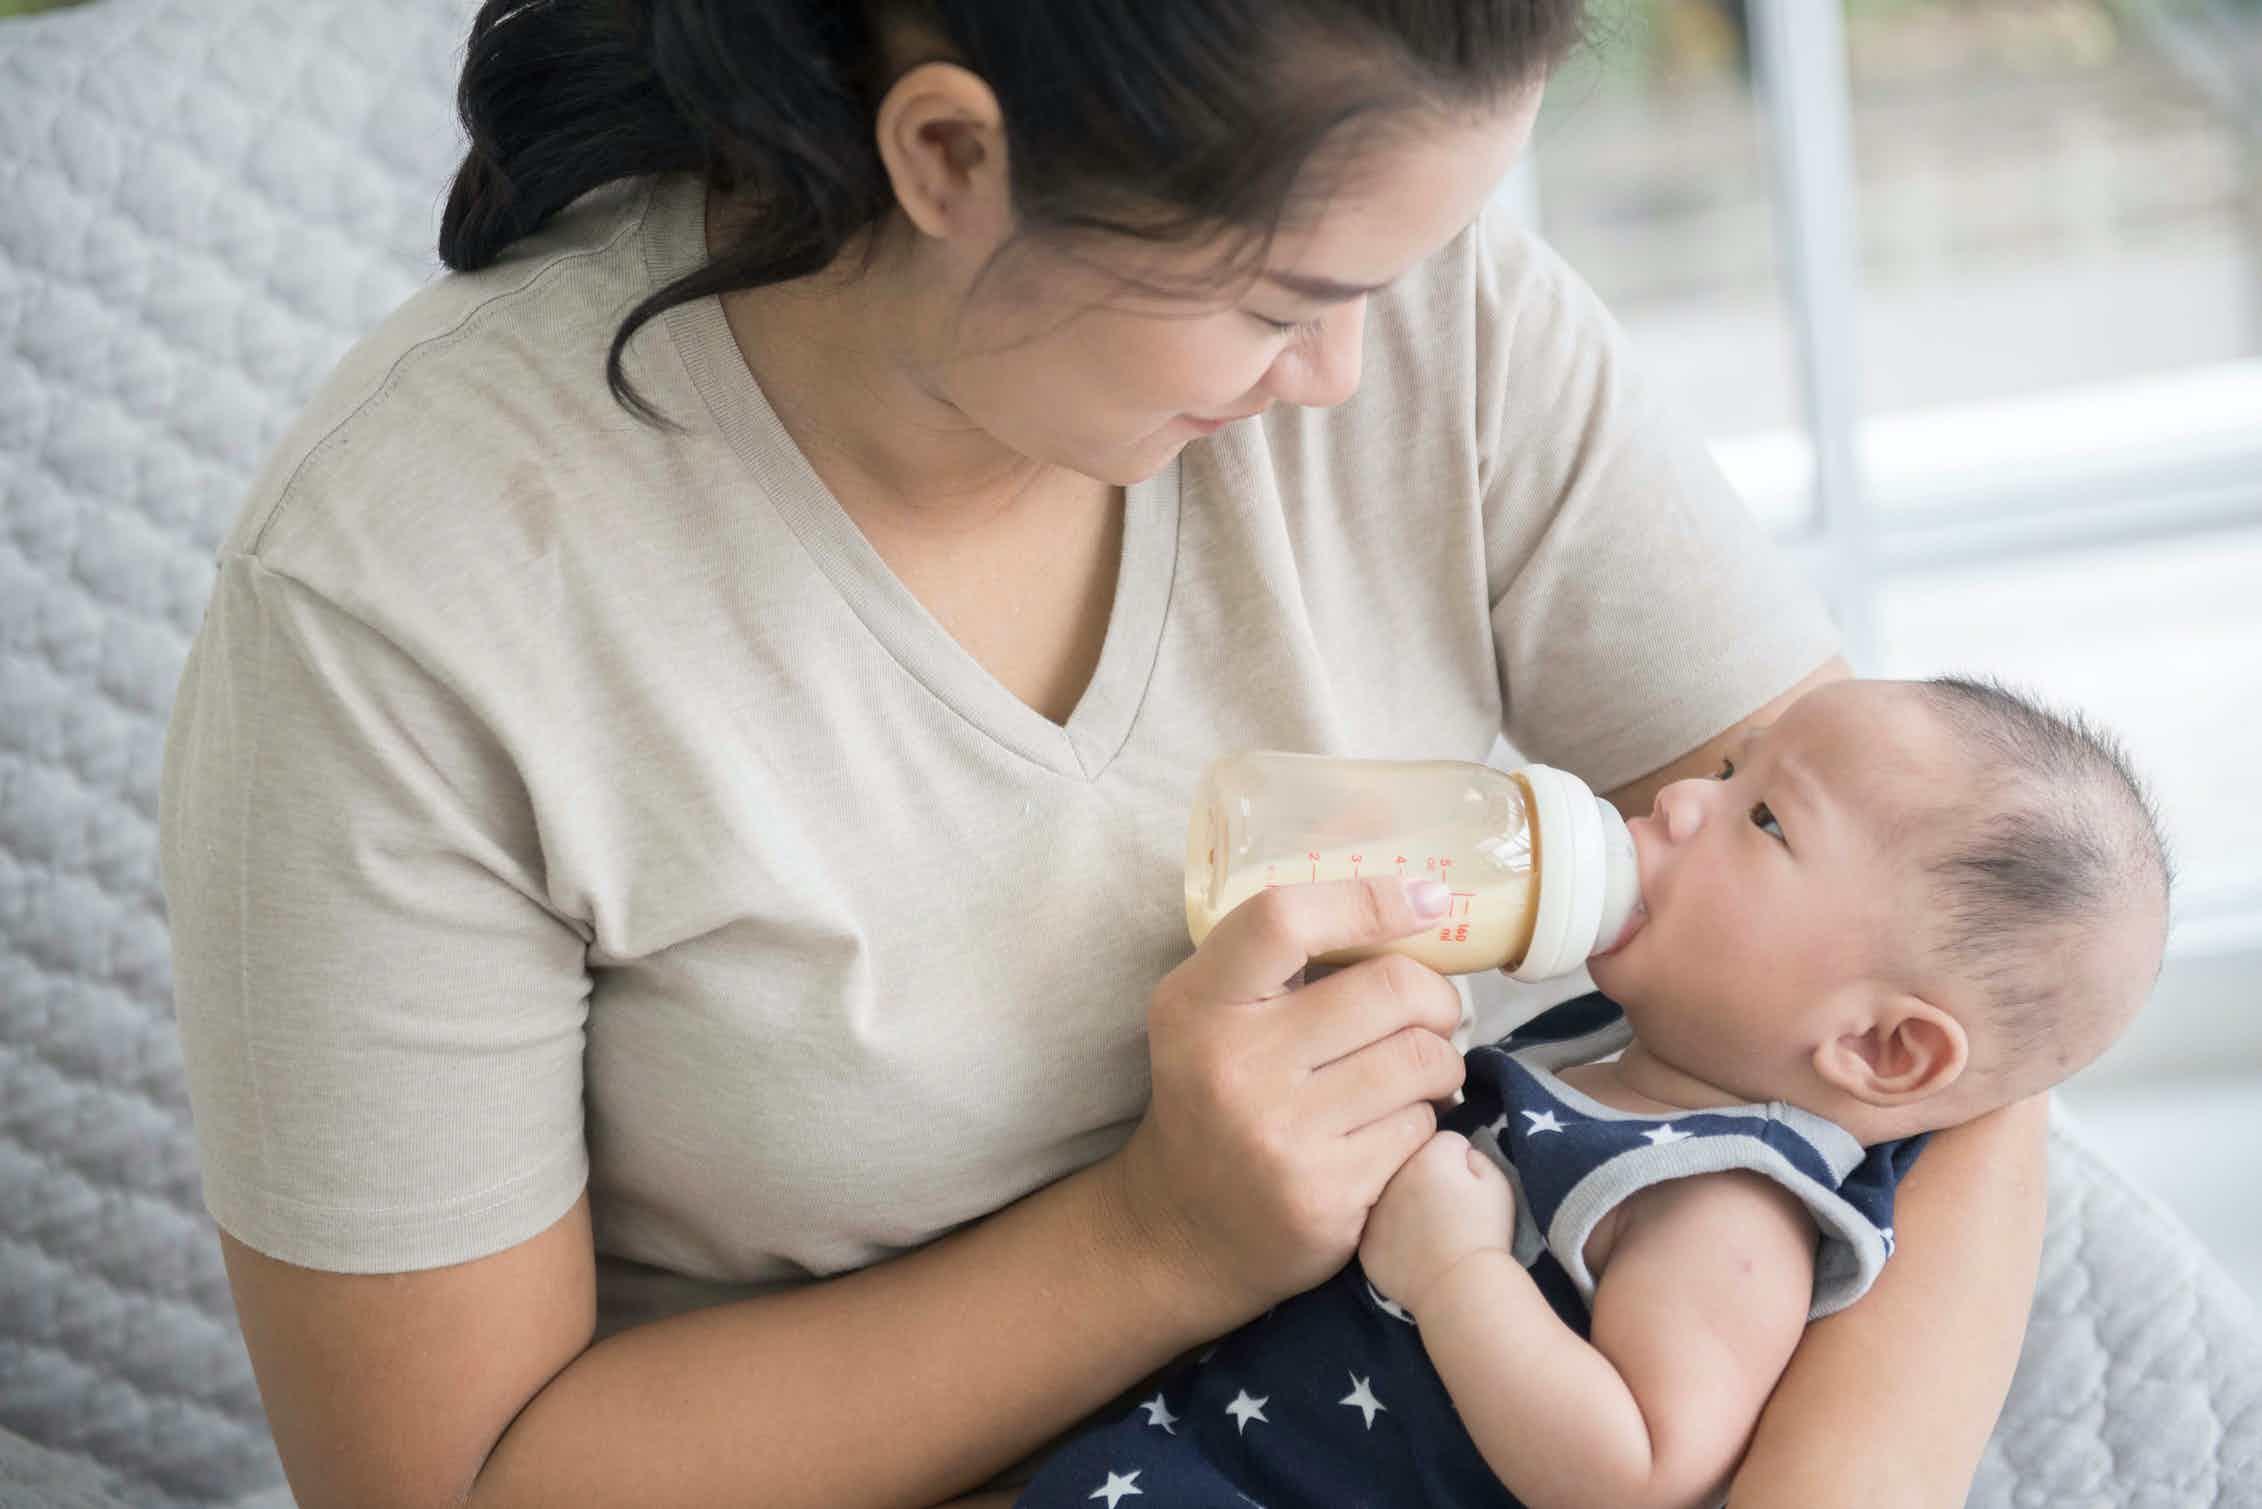 Мама простудилась: можно ли кормить и чем лечиться